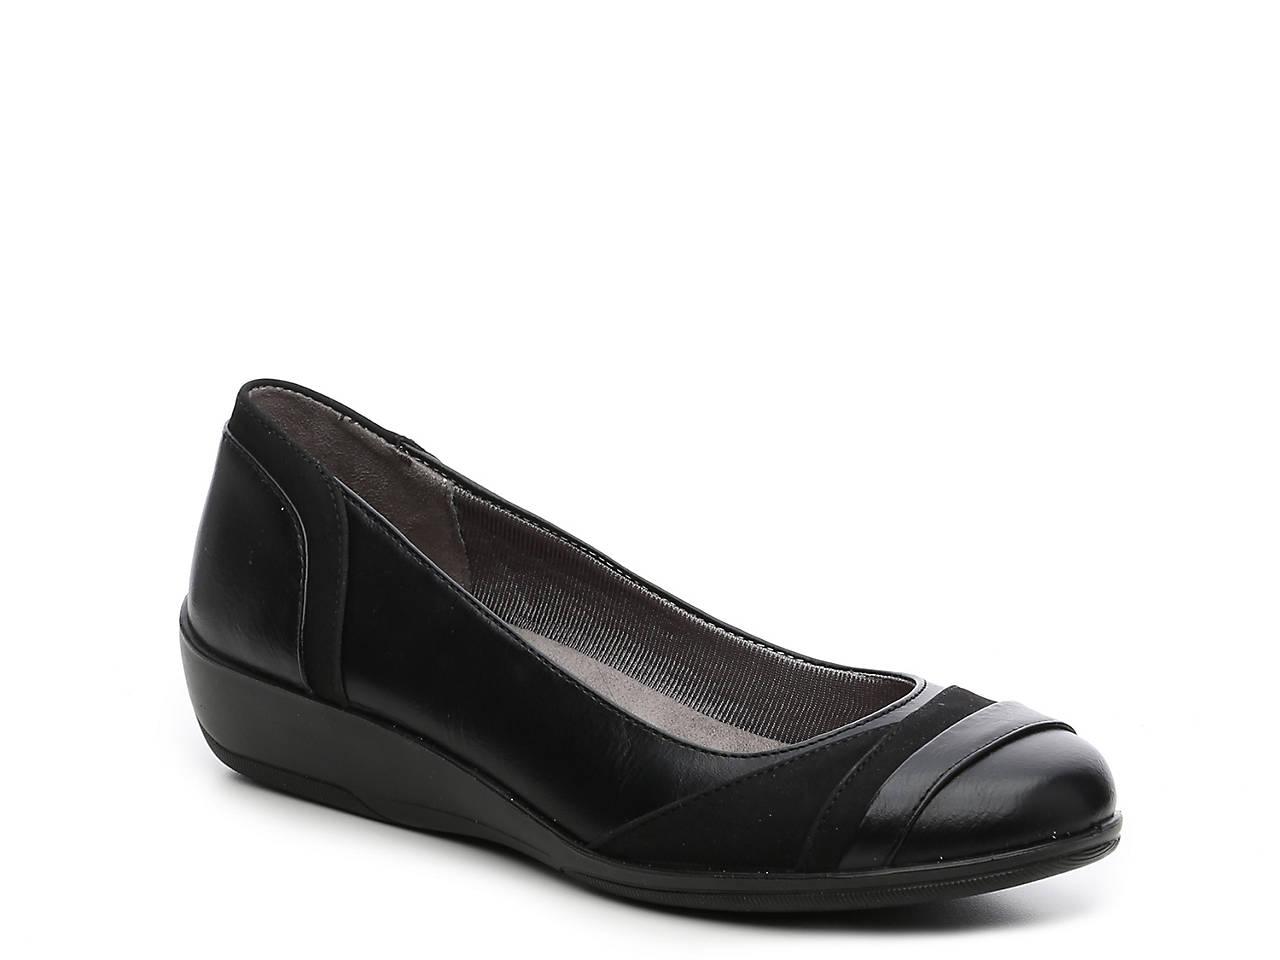 7f63cc8bc02 LifeStride Shoes